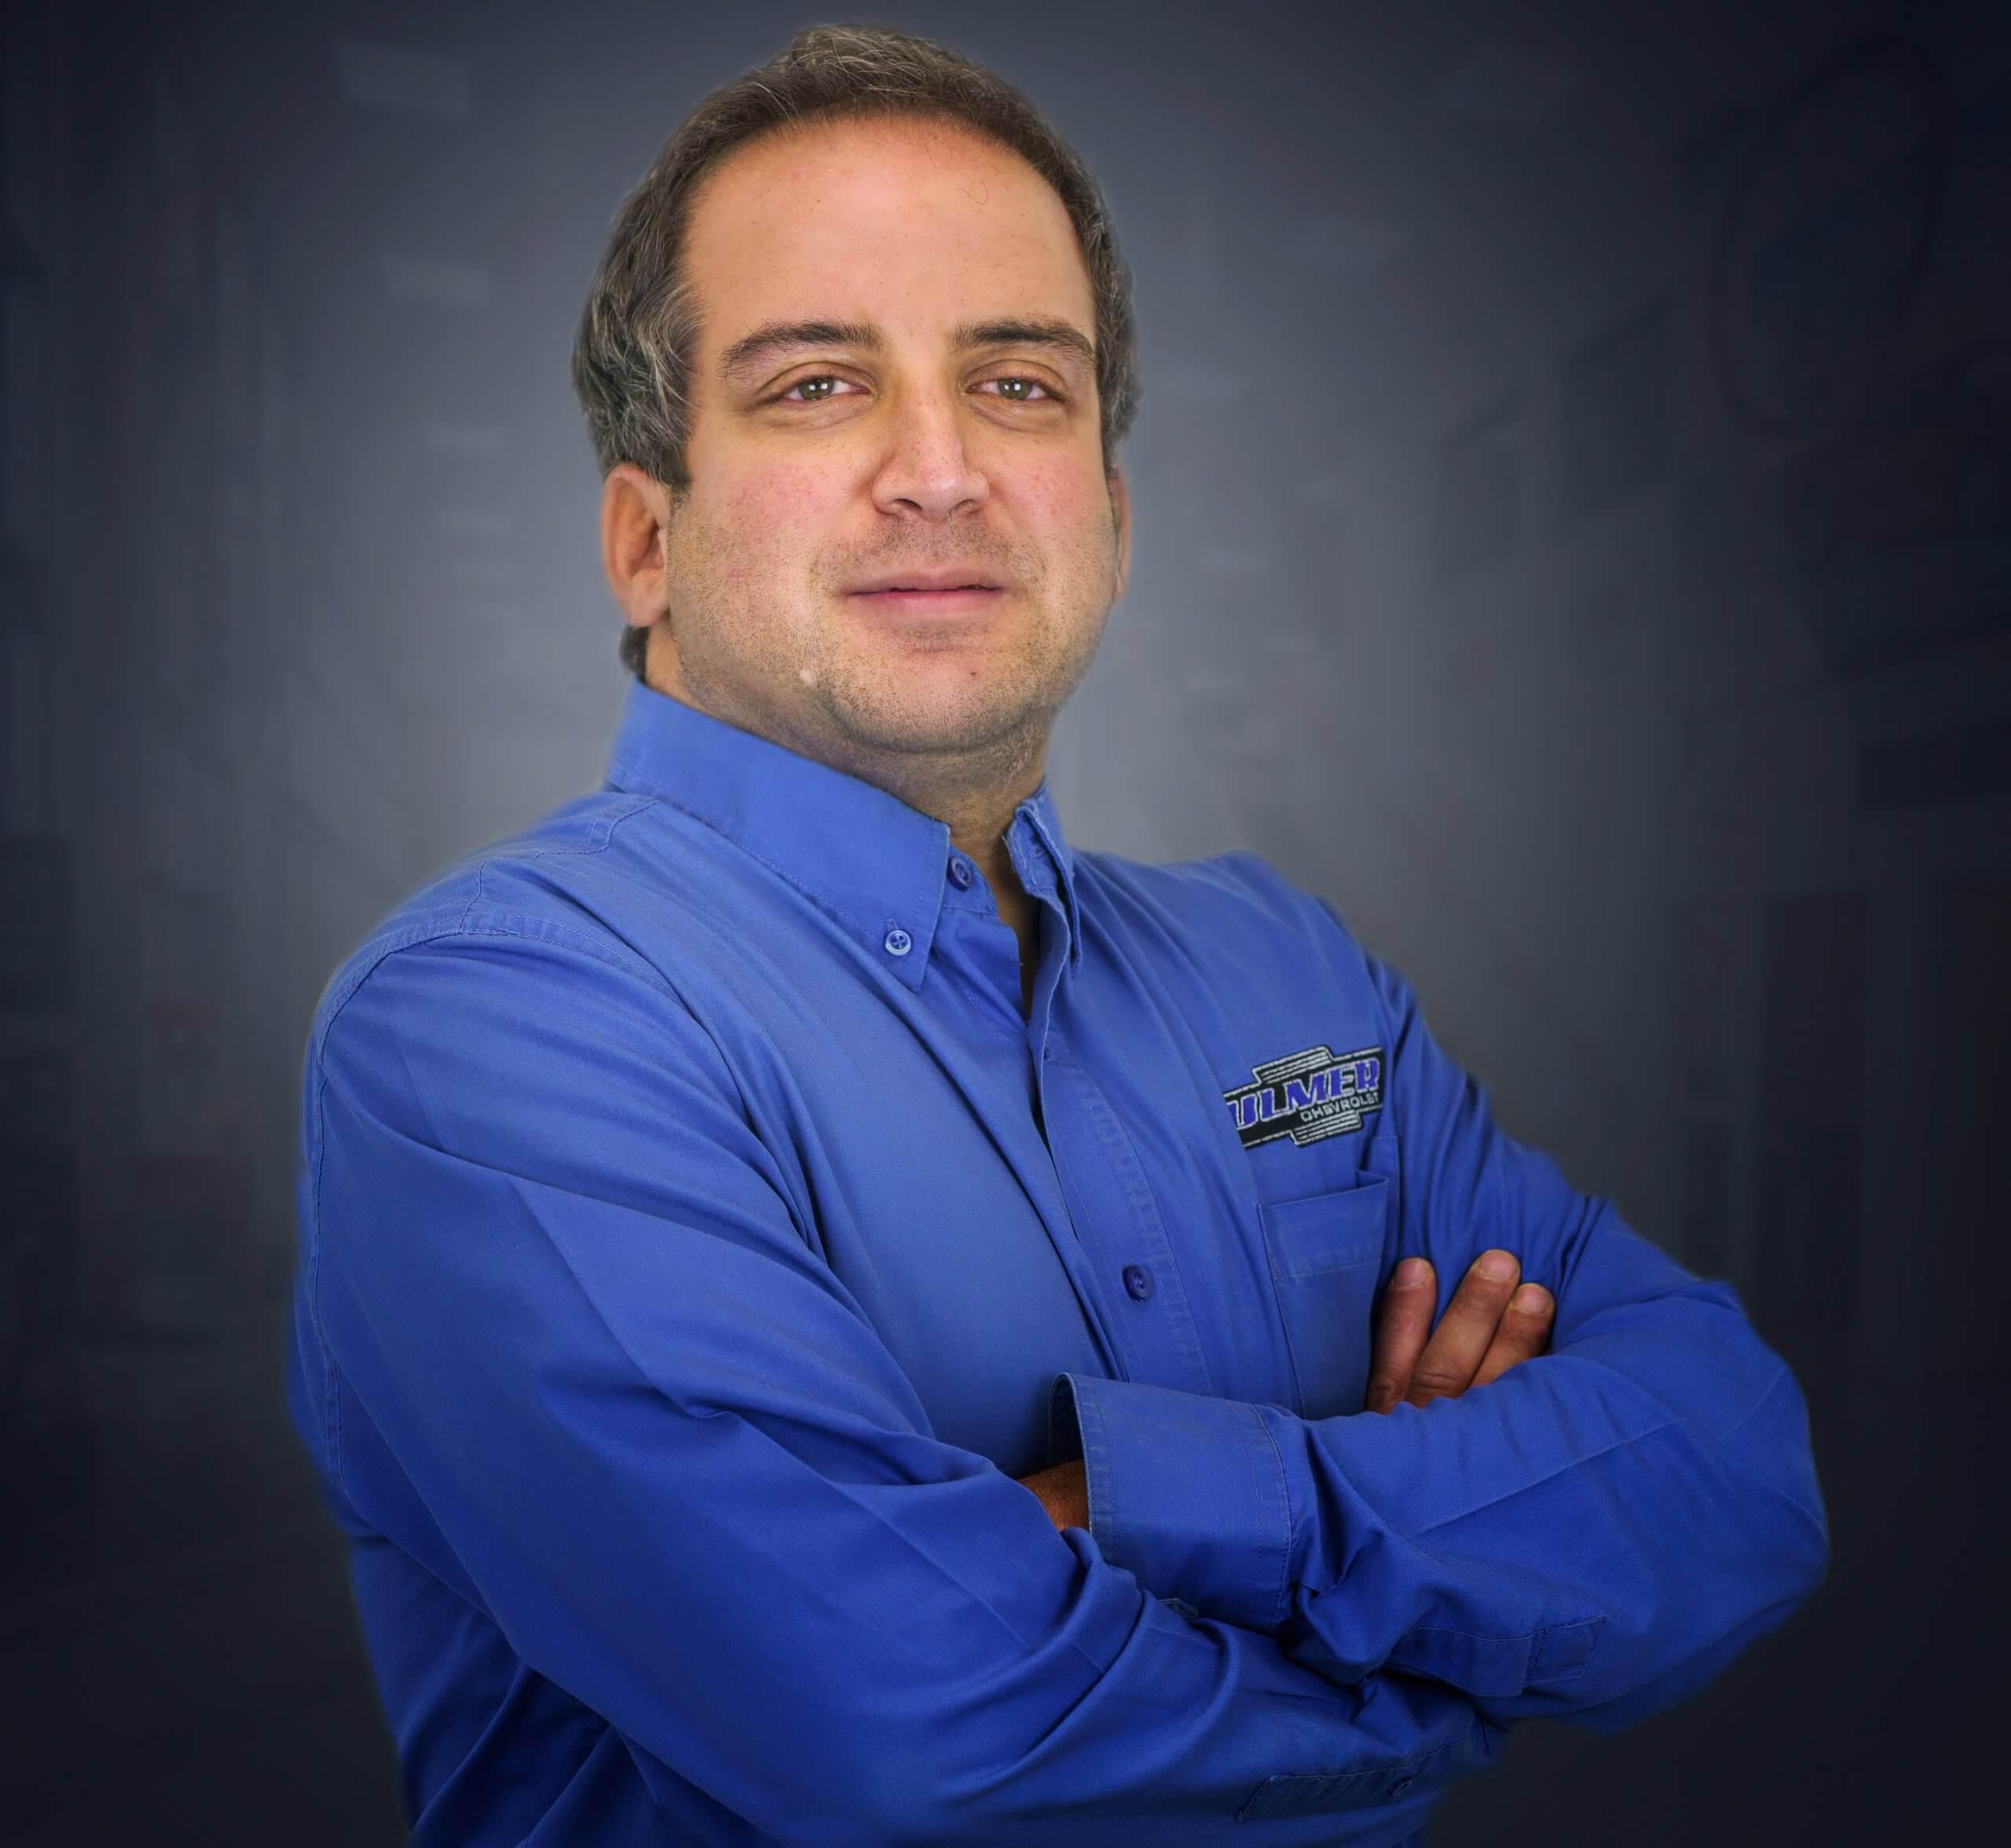 Rashaad Sayeed